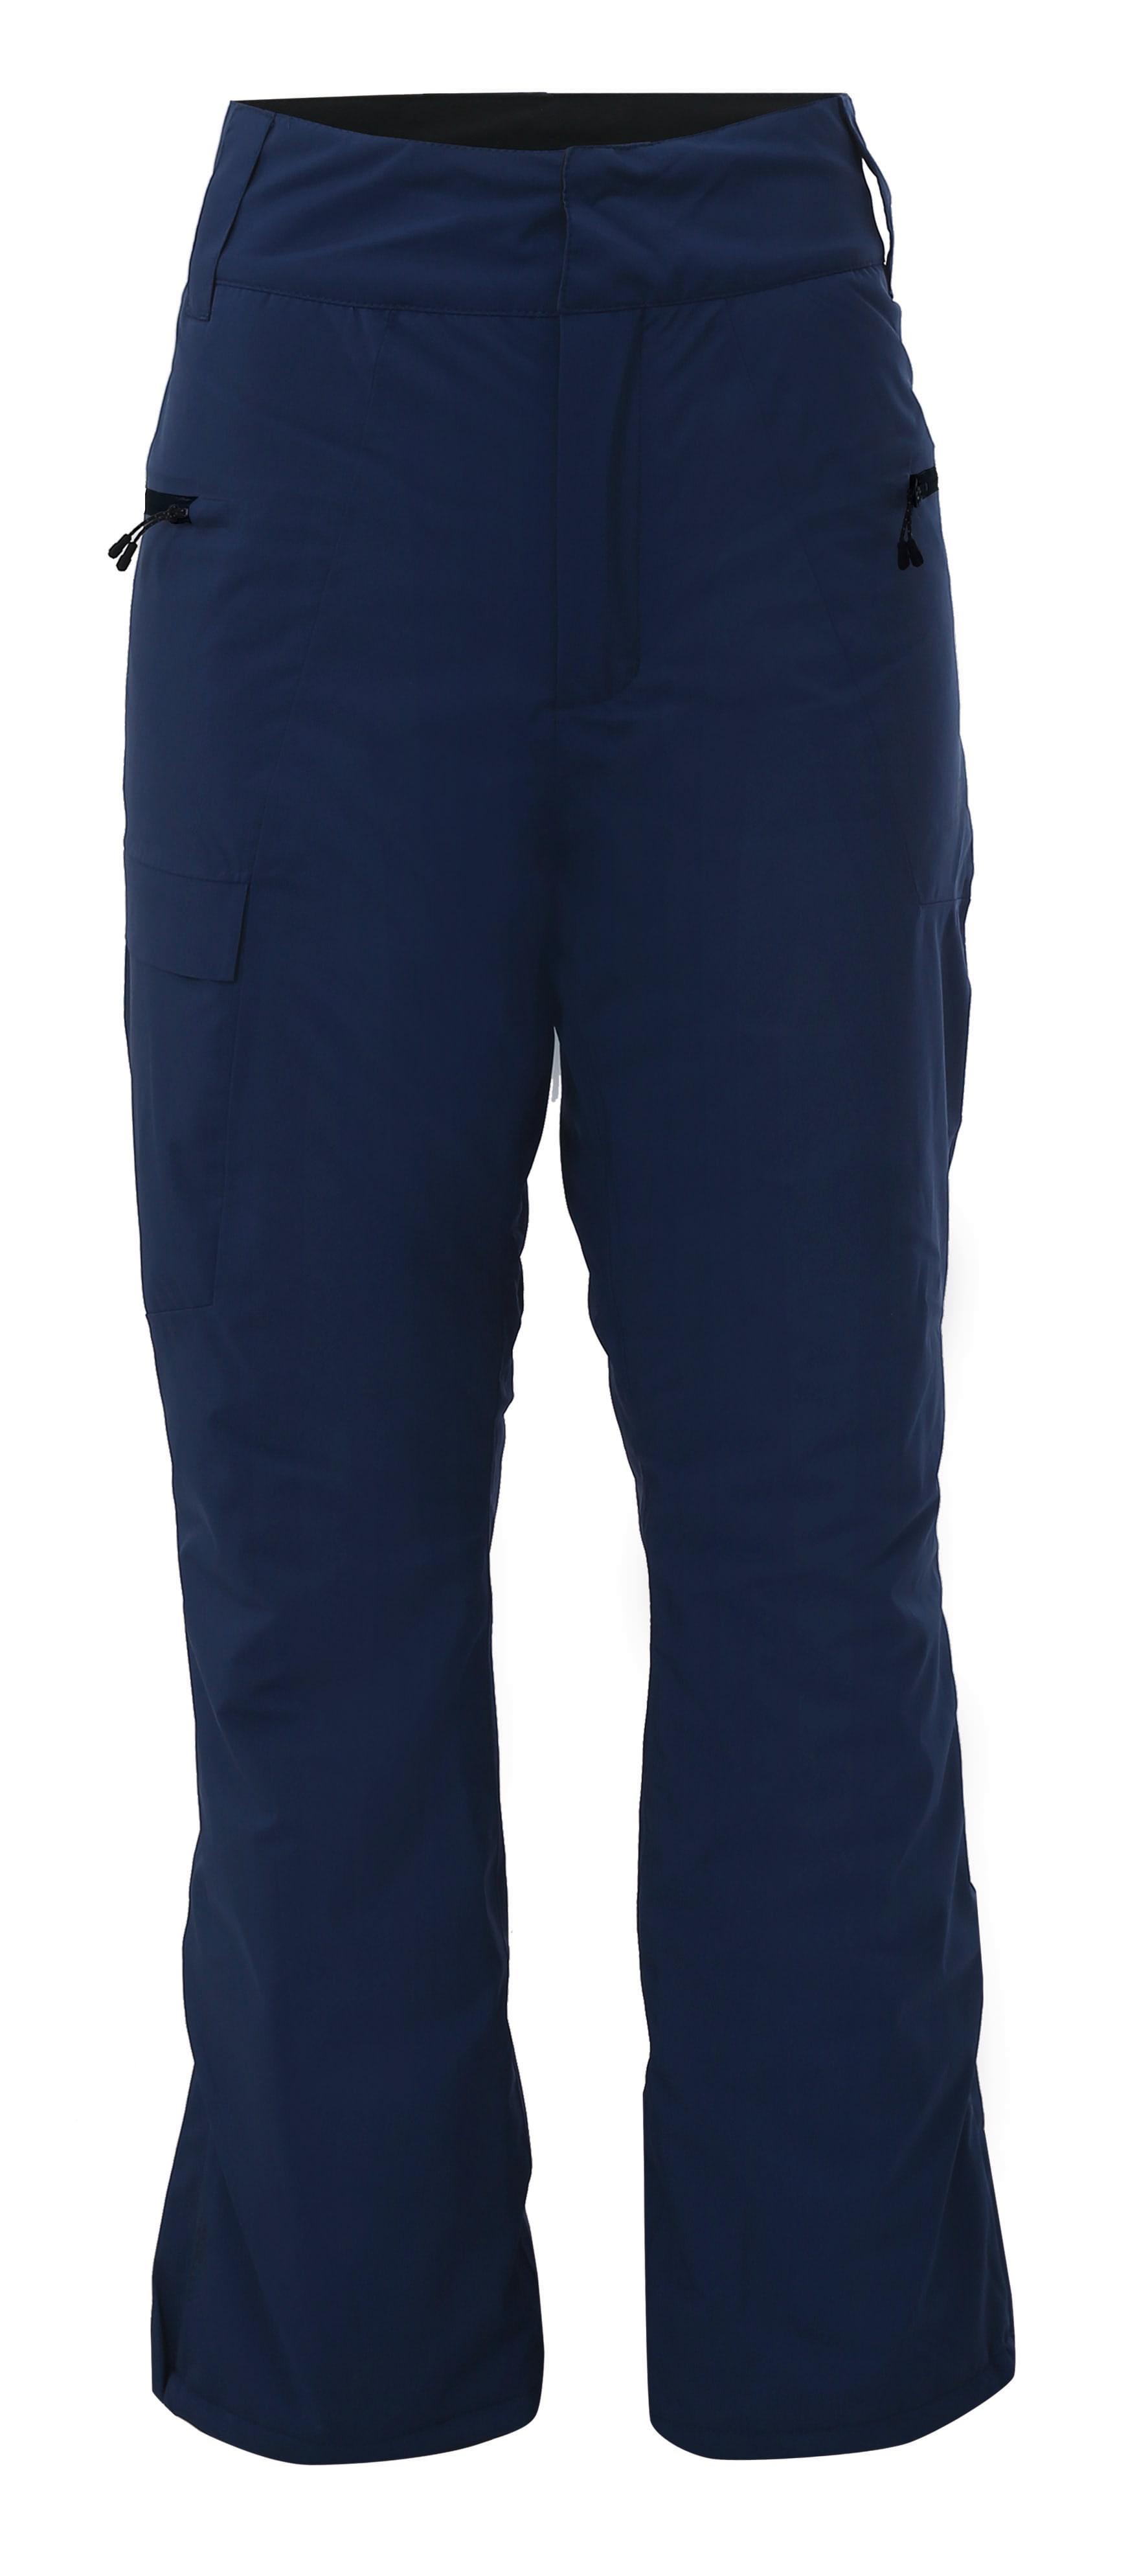 Image of 2117 of Sweden Gardet Snowboard Pants